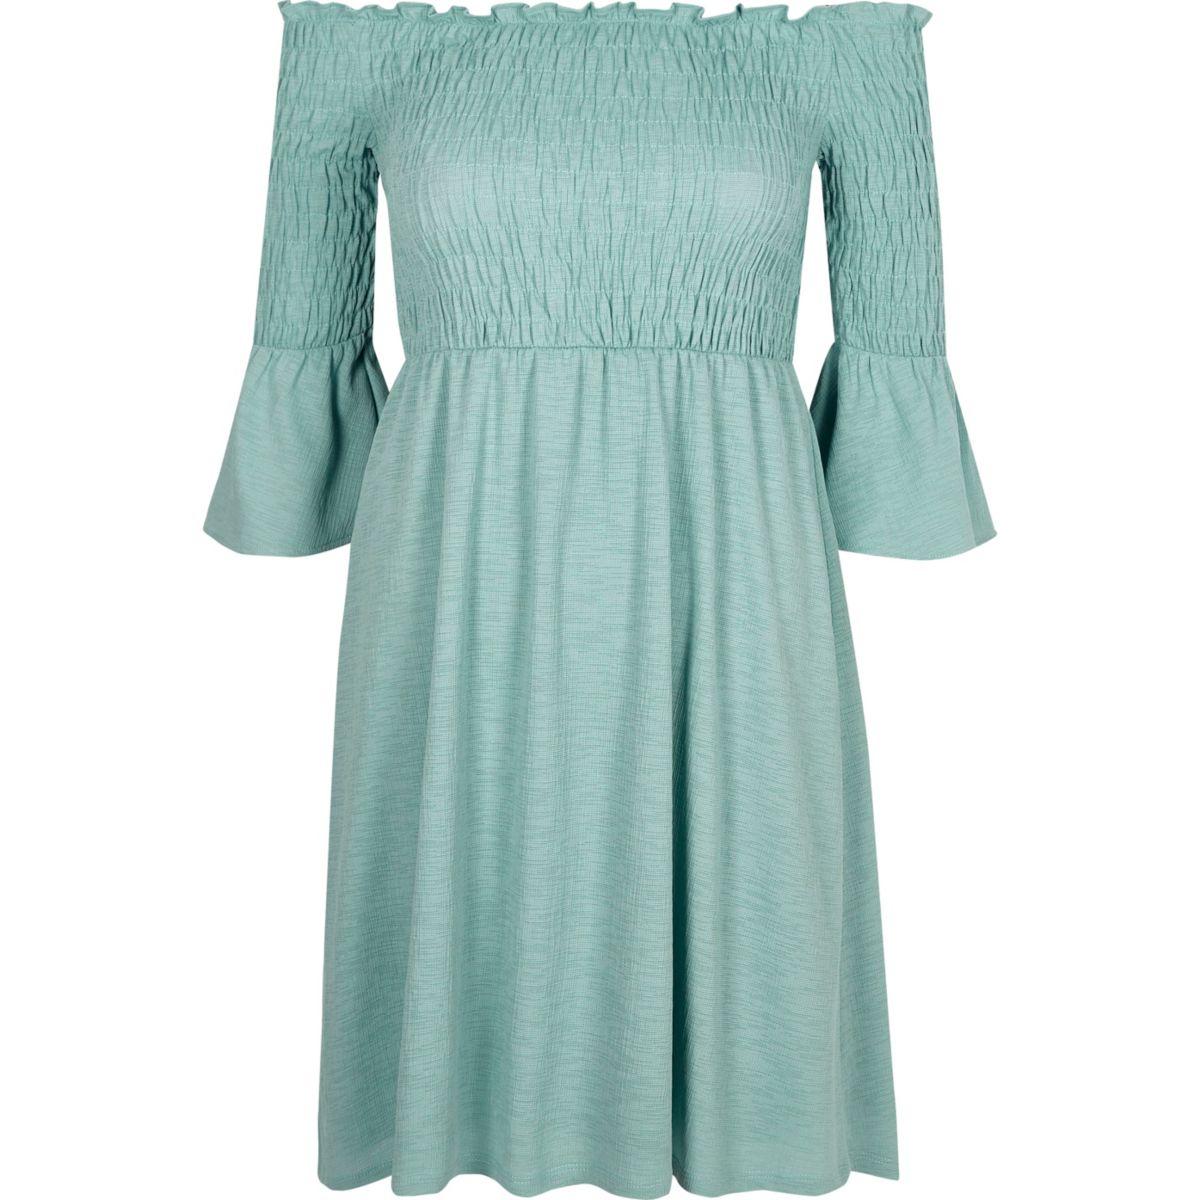 Green shirred bardot dress